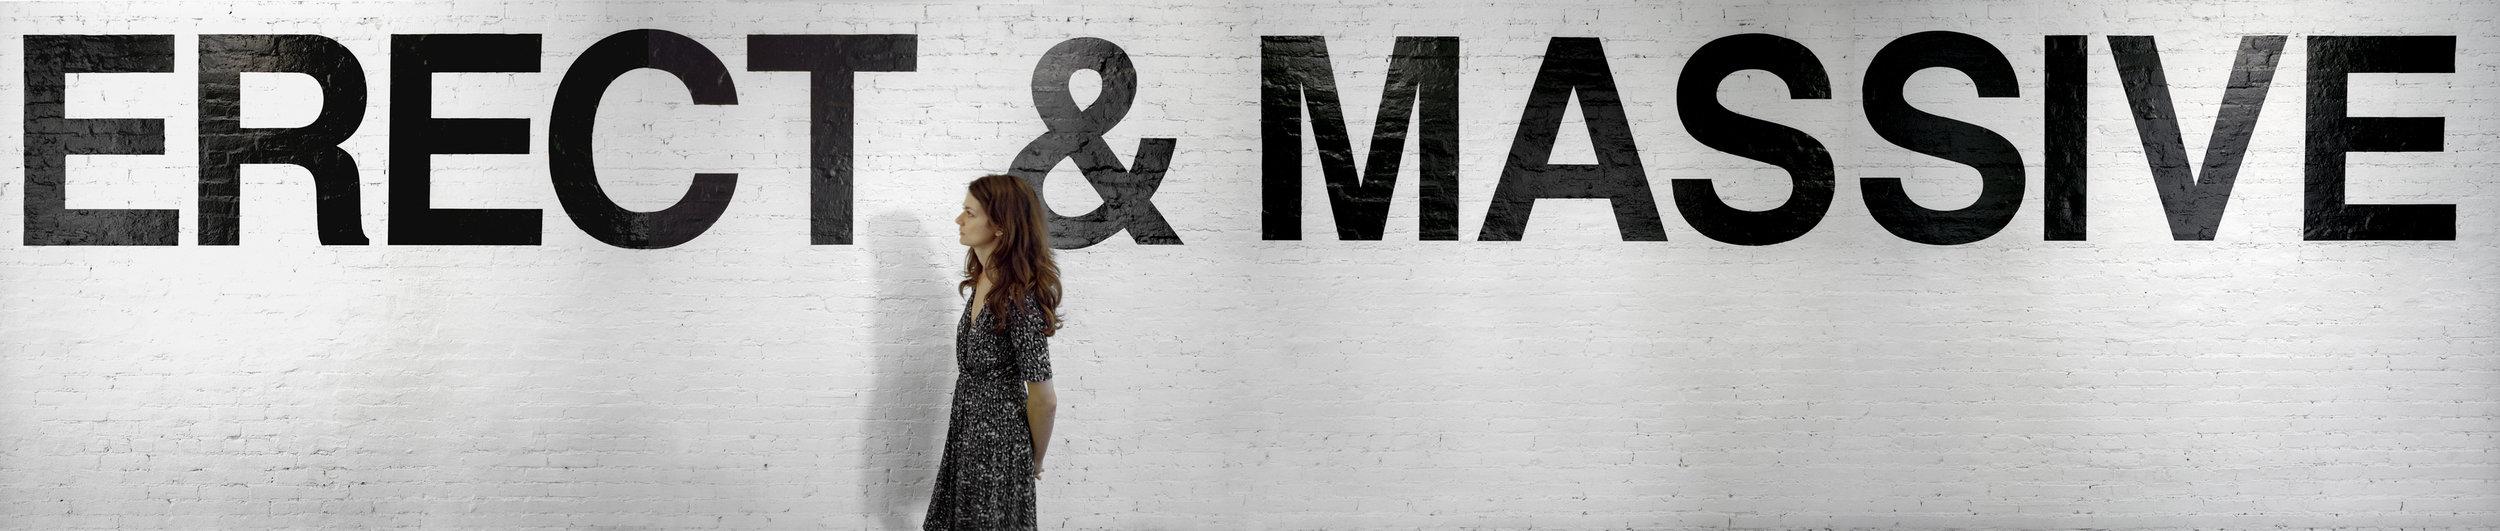 Erect & Massive. 2010